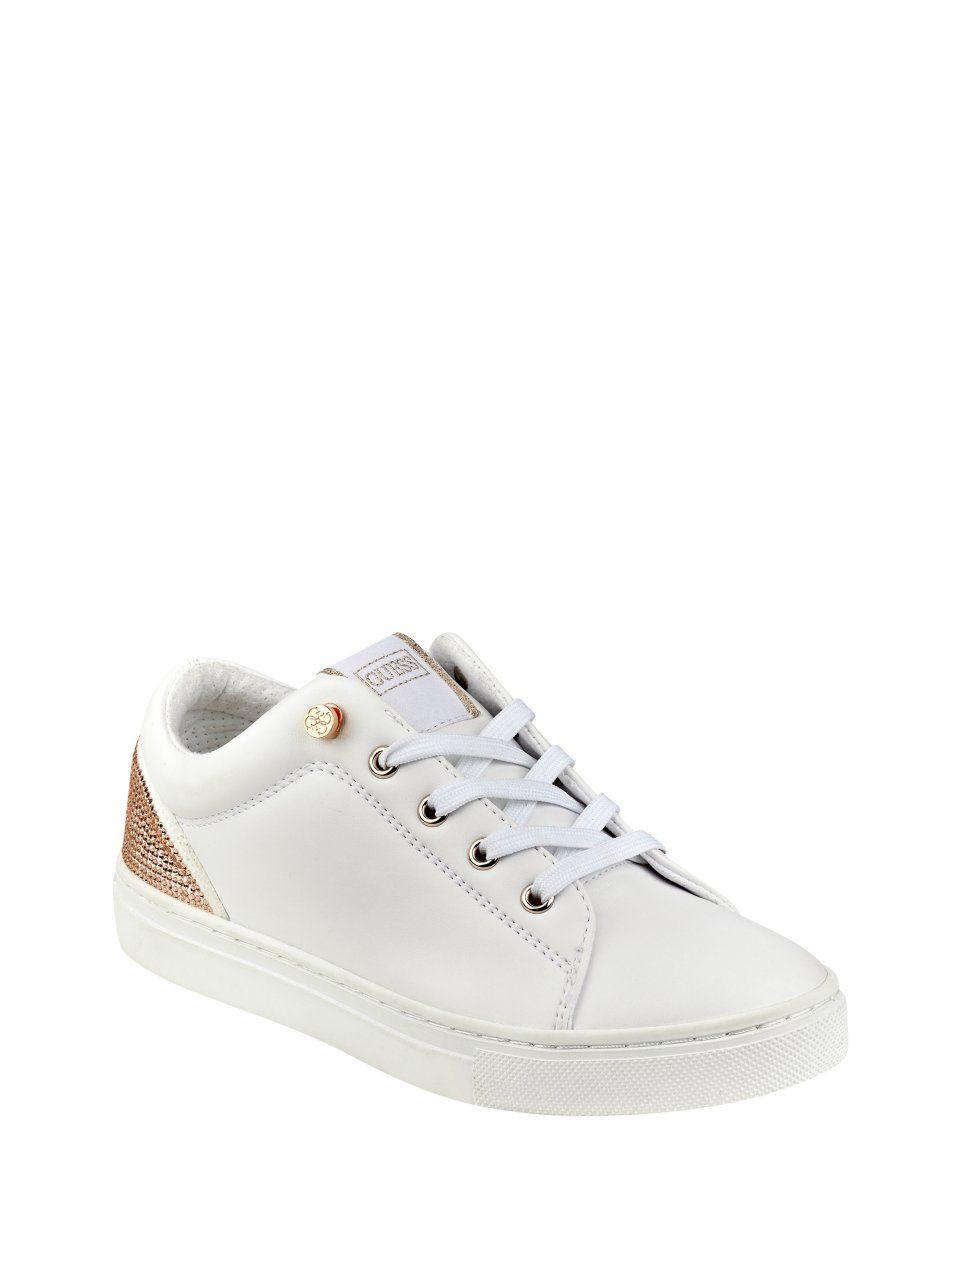 Jollie Low Top Sneakers Sneakers, Gissa kläder, skor  Sneakers, Guess clothing, Shoes